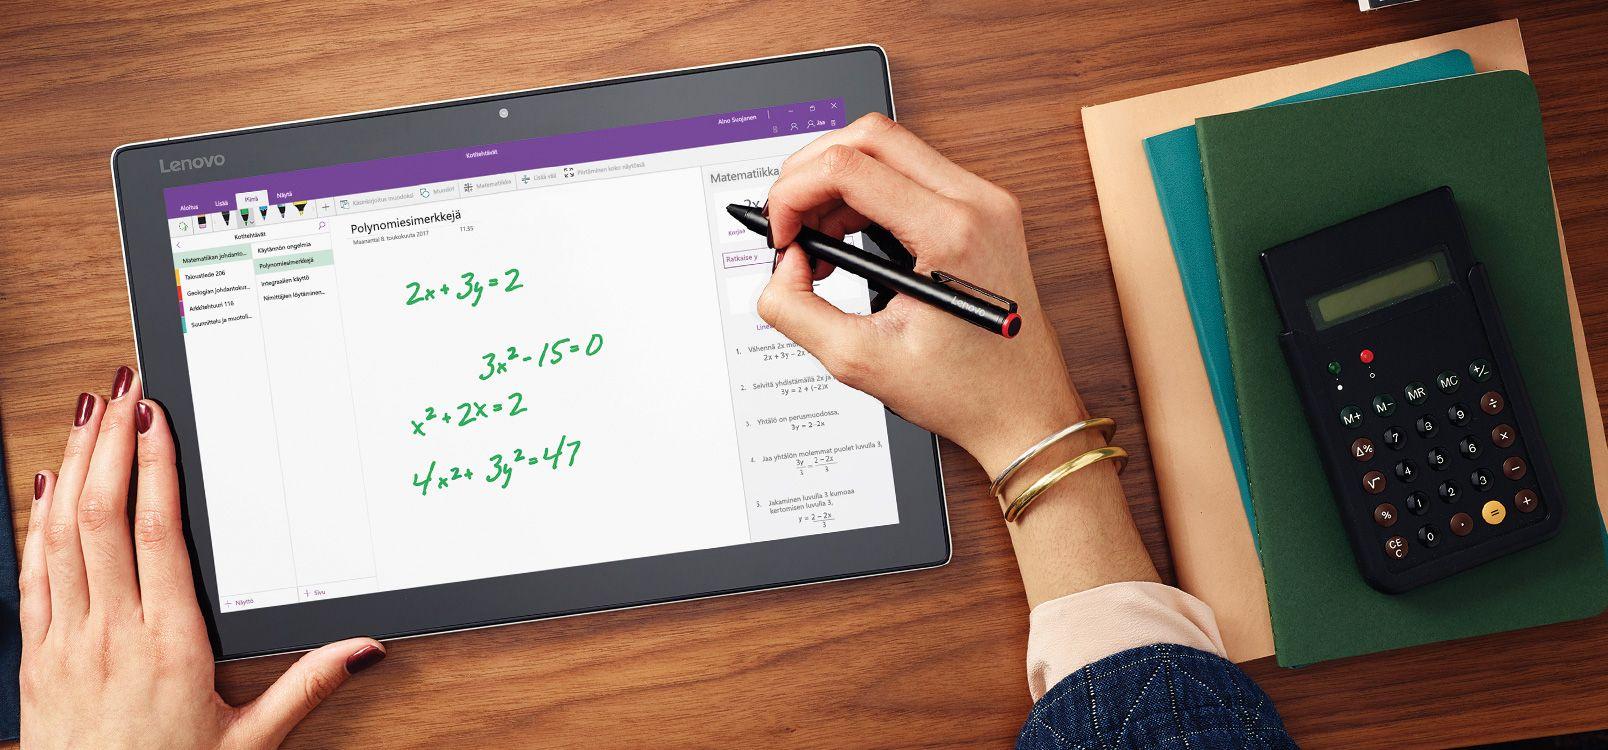 Tabletin näyttö, jossa näkyy OneNote ja käsinkirjoituksen matemaattinen avustaja